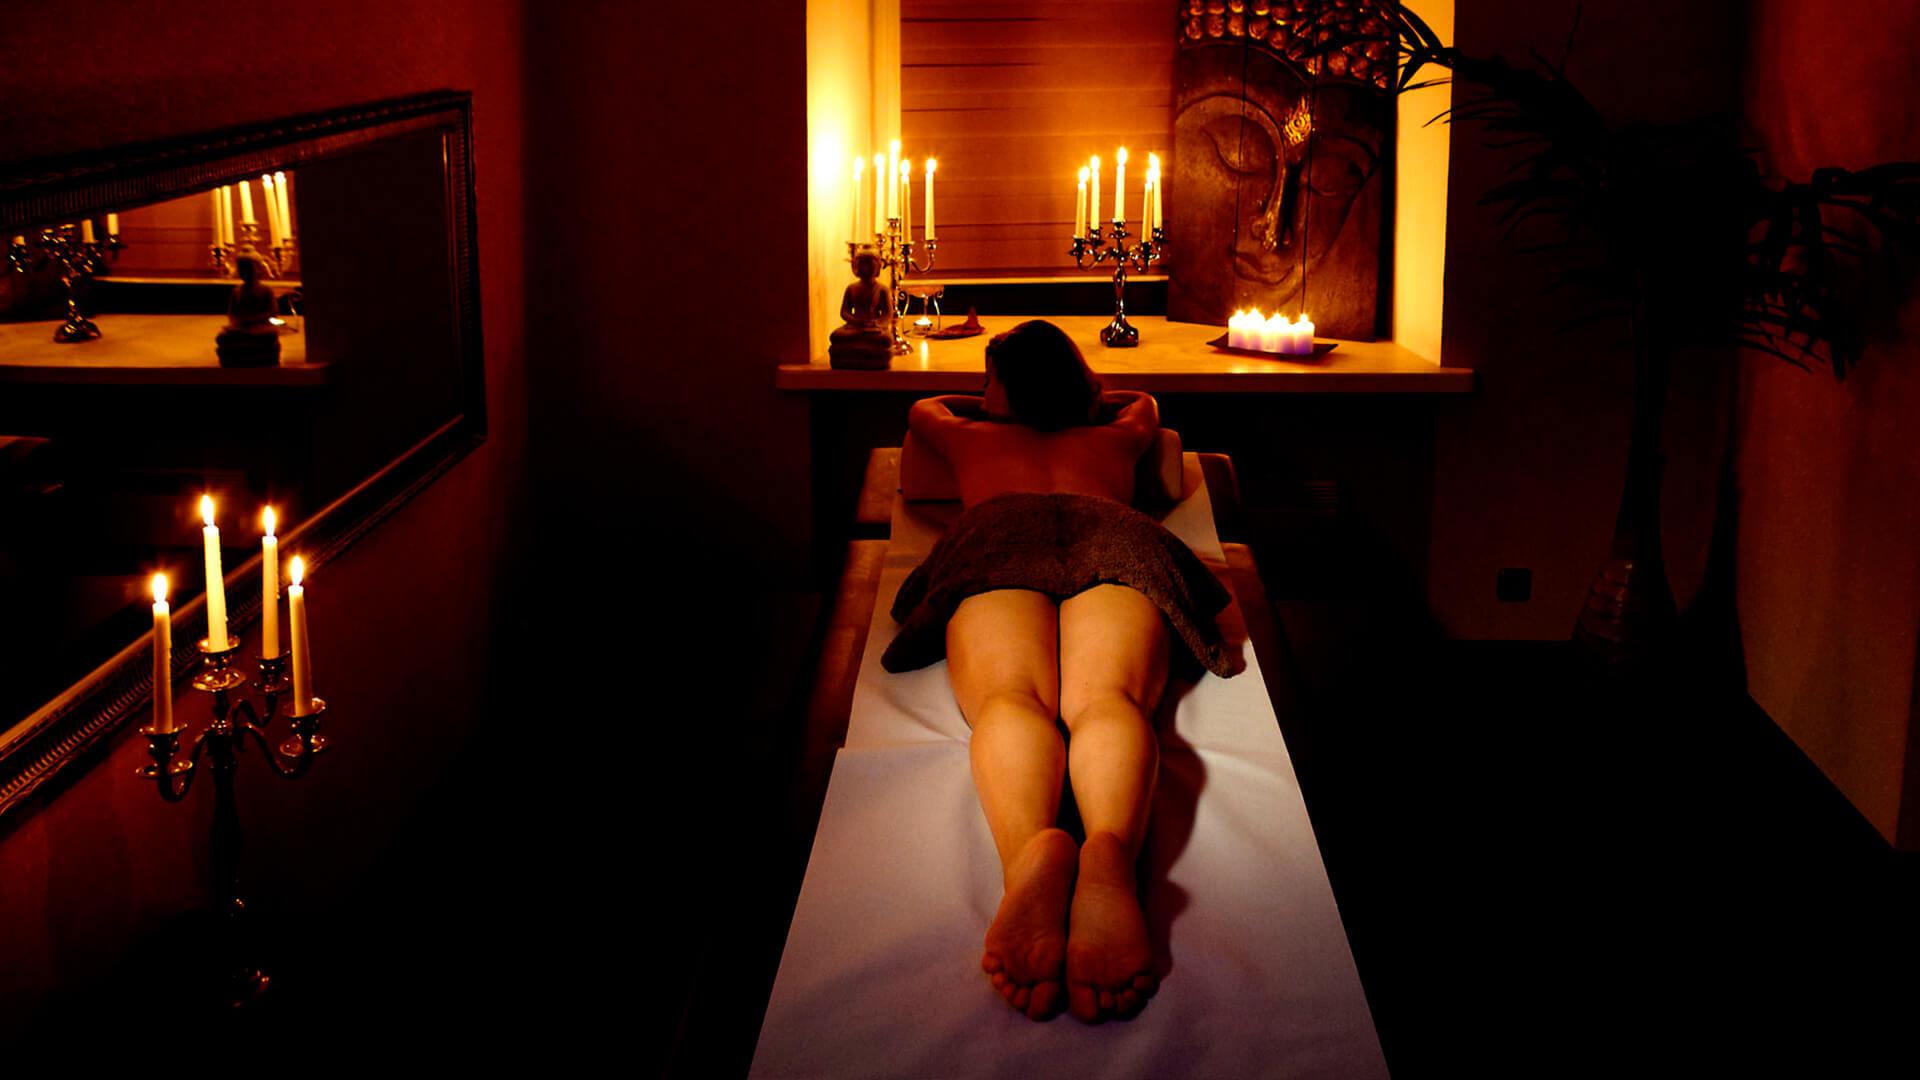 Masajes eróticos en Palma de Mallorca - Diva Mallorca